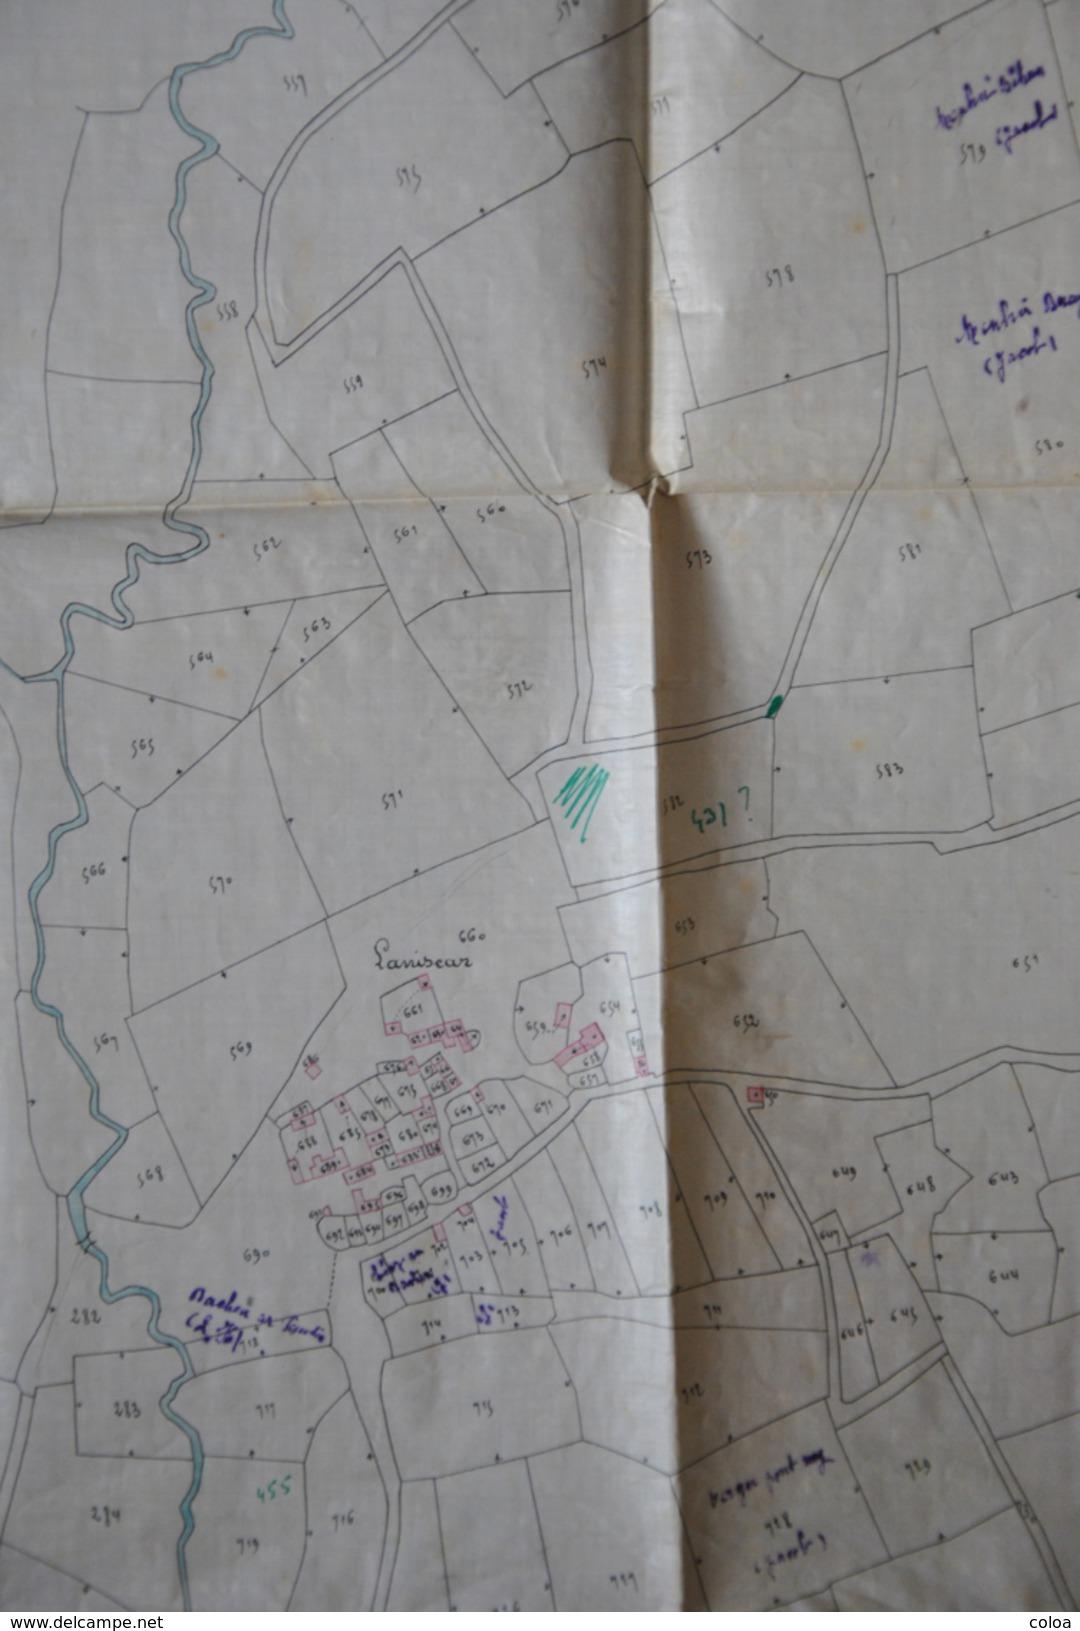 Extrait Du Plan Cadastral Napoléonien De RIEC Sur BELON , Quartier De Laniscar - Cartes Géographiques